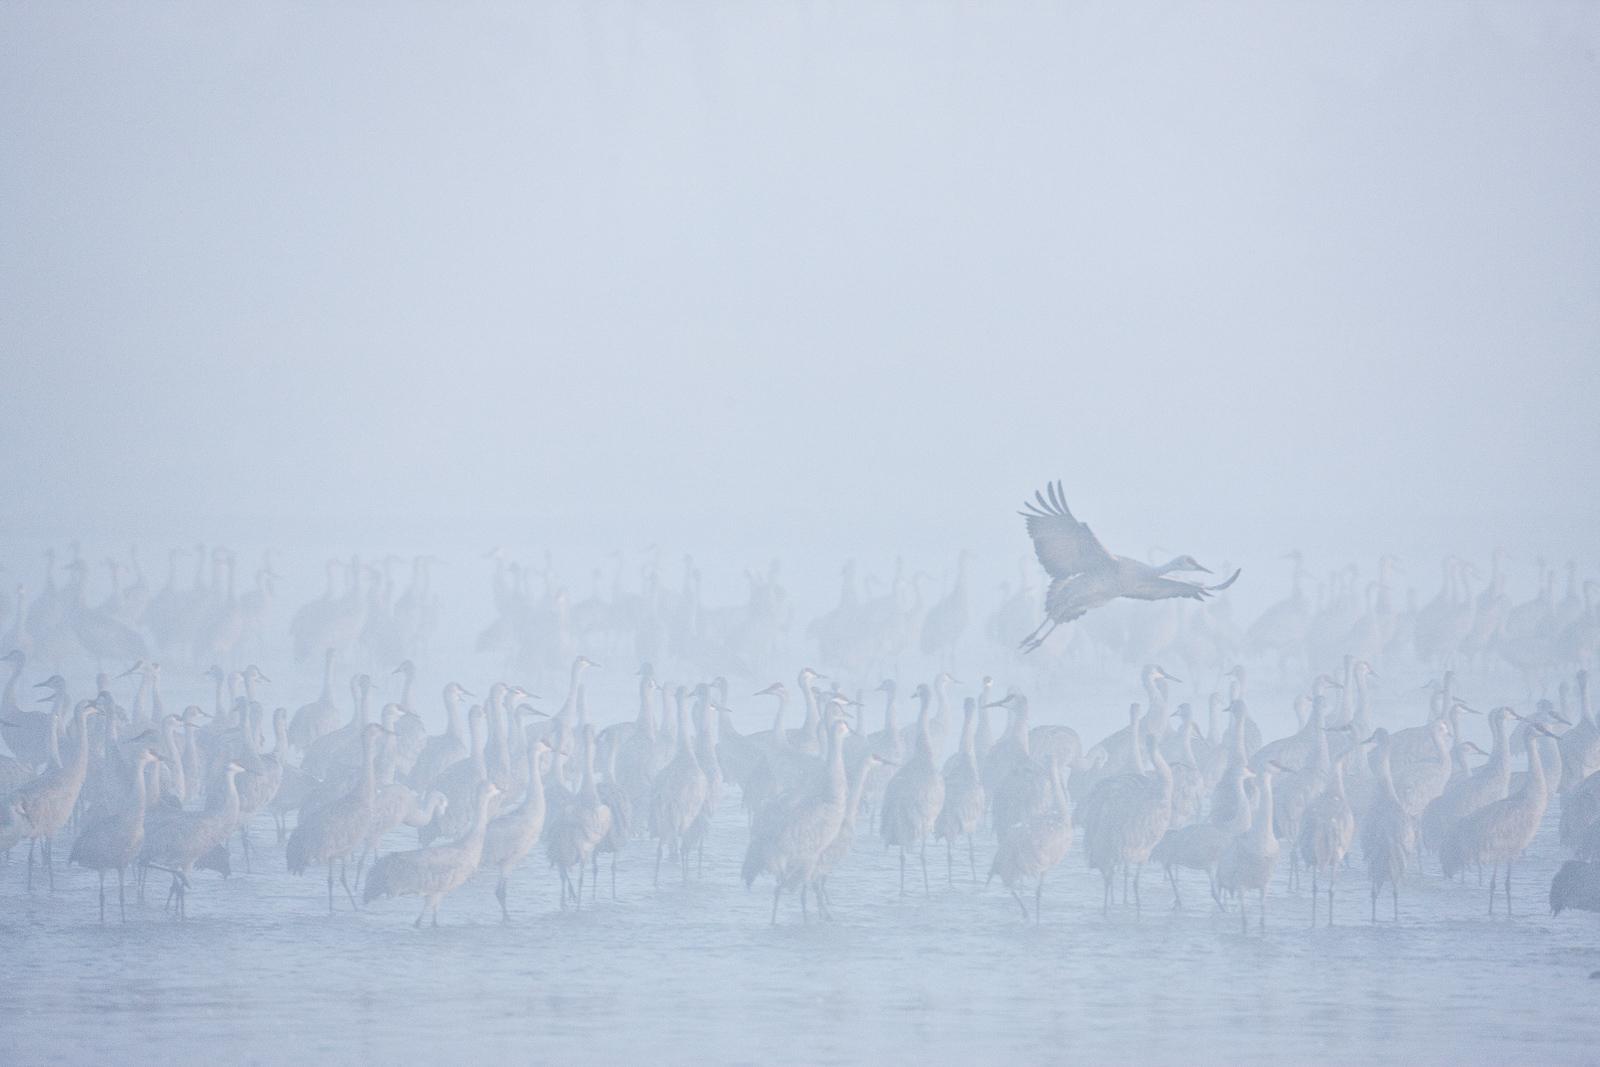 I Can Fly,Jamalee Blind,Nebraska,Sandhill Crane,Platte River, Sandhills,Fog, photo